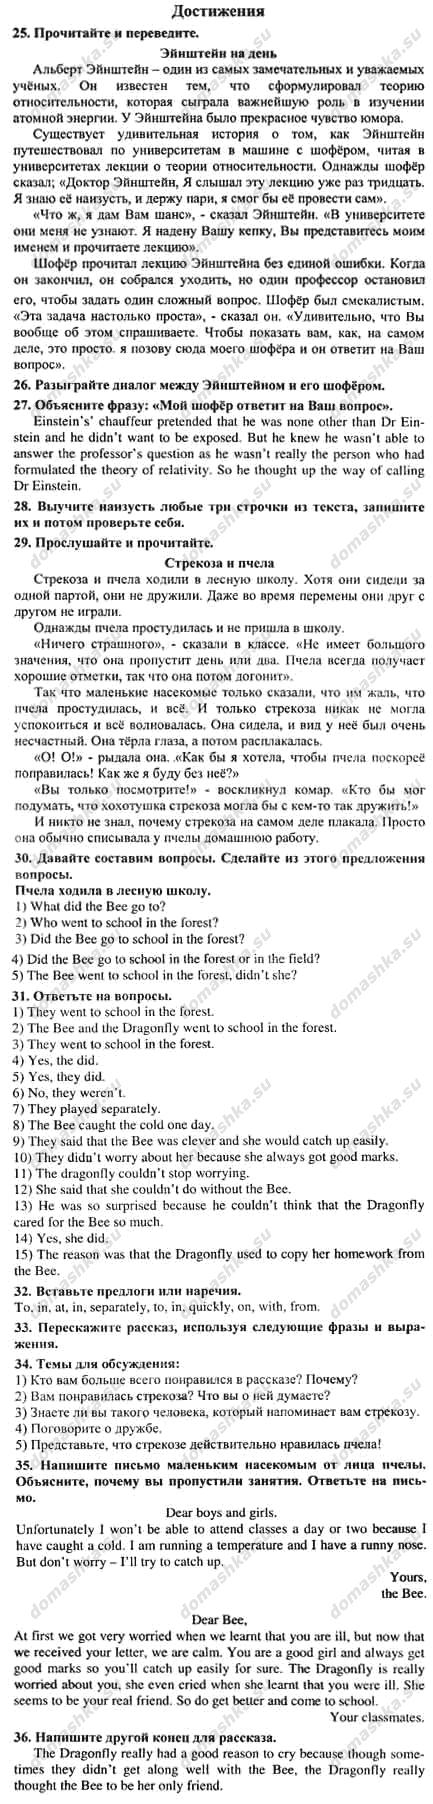 гдз по английскому 9 класс т.б.клементьев